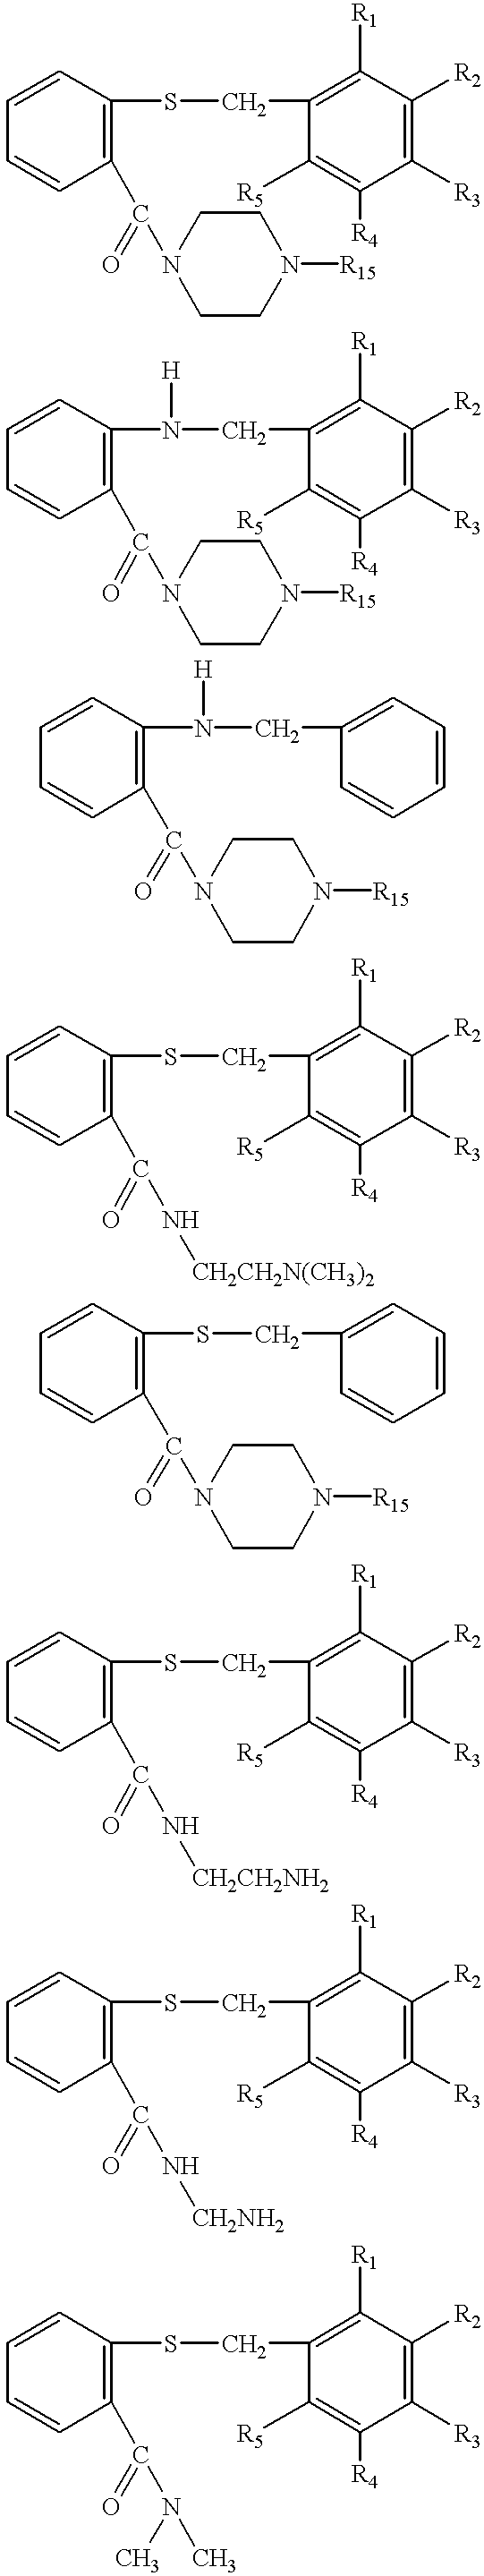 Figure US06541479-20030401-C00009